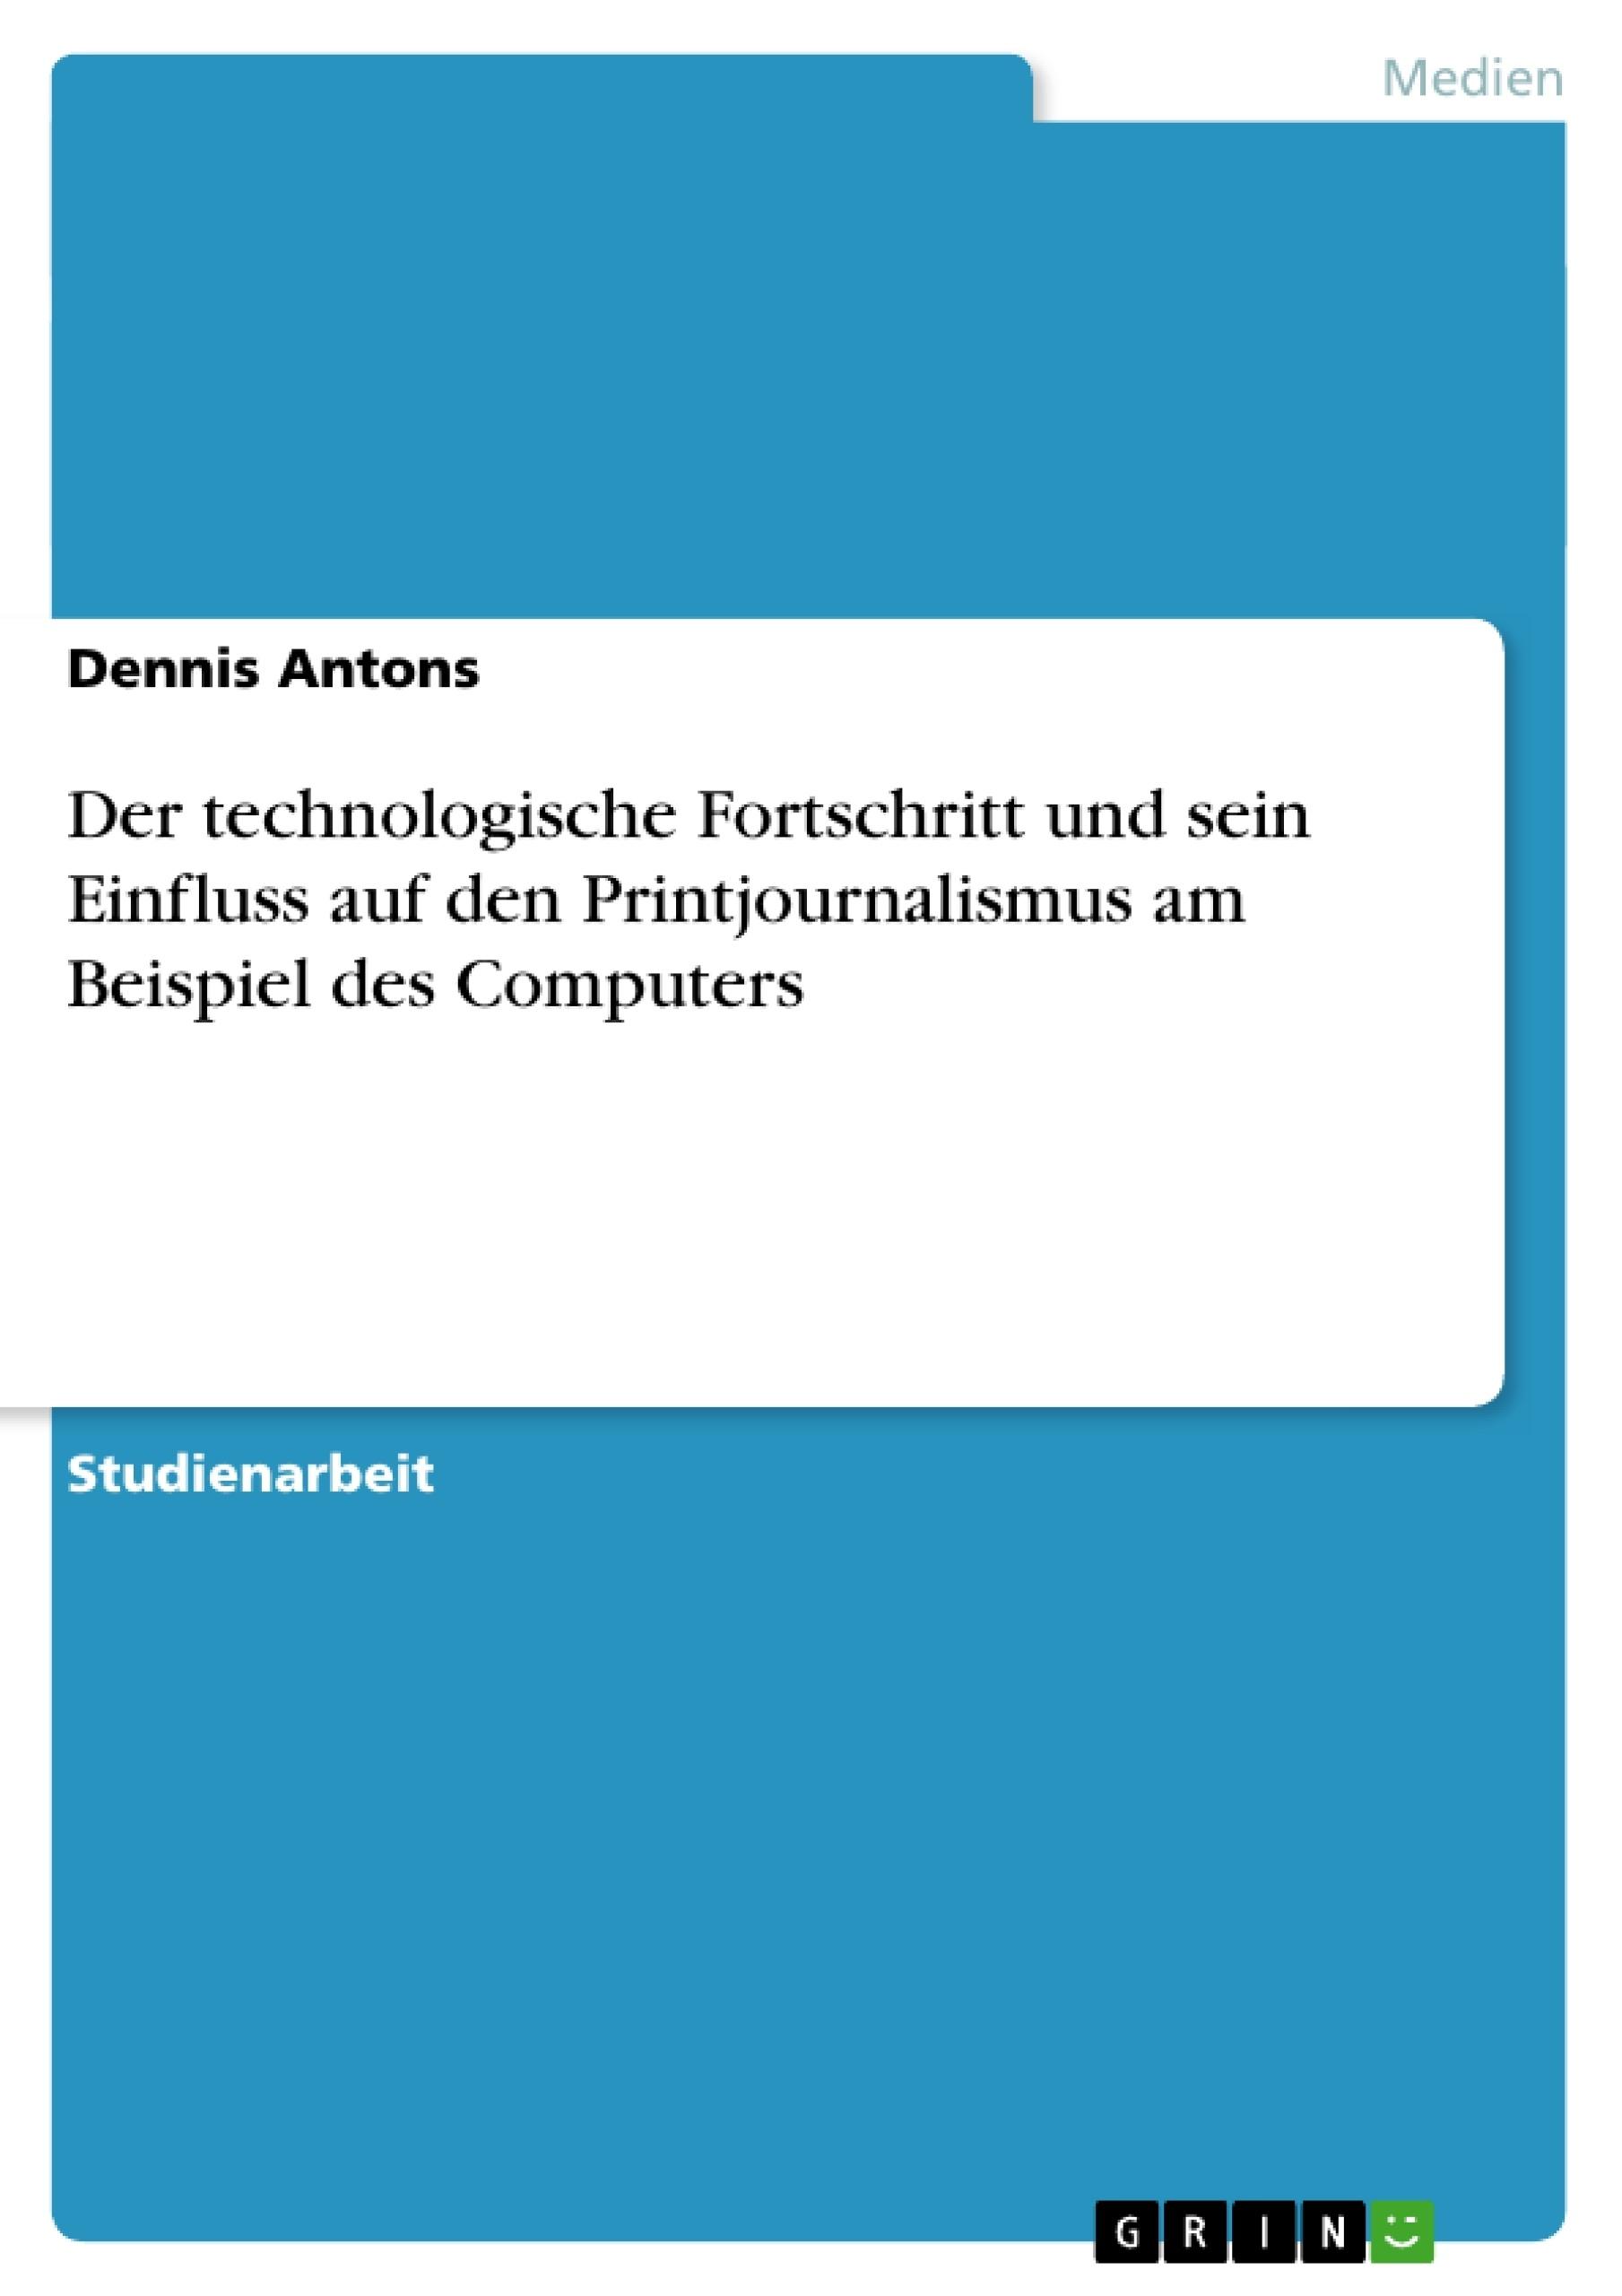 Titel: Der technologische Fortschritt und sein Einfluss auf den Printjournalismus am Beispiel des Computers